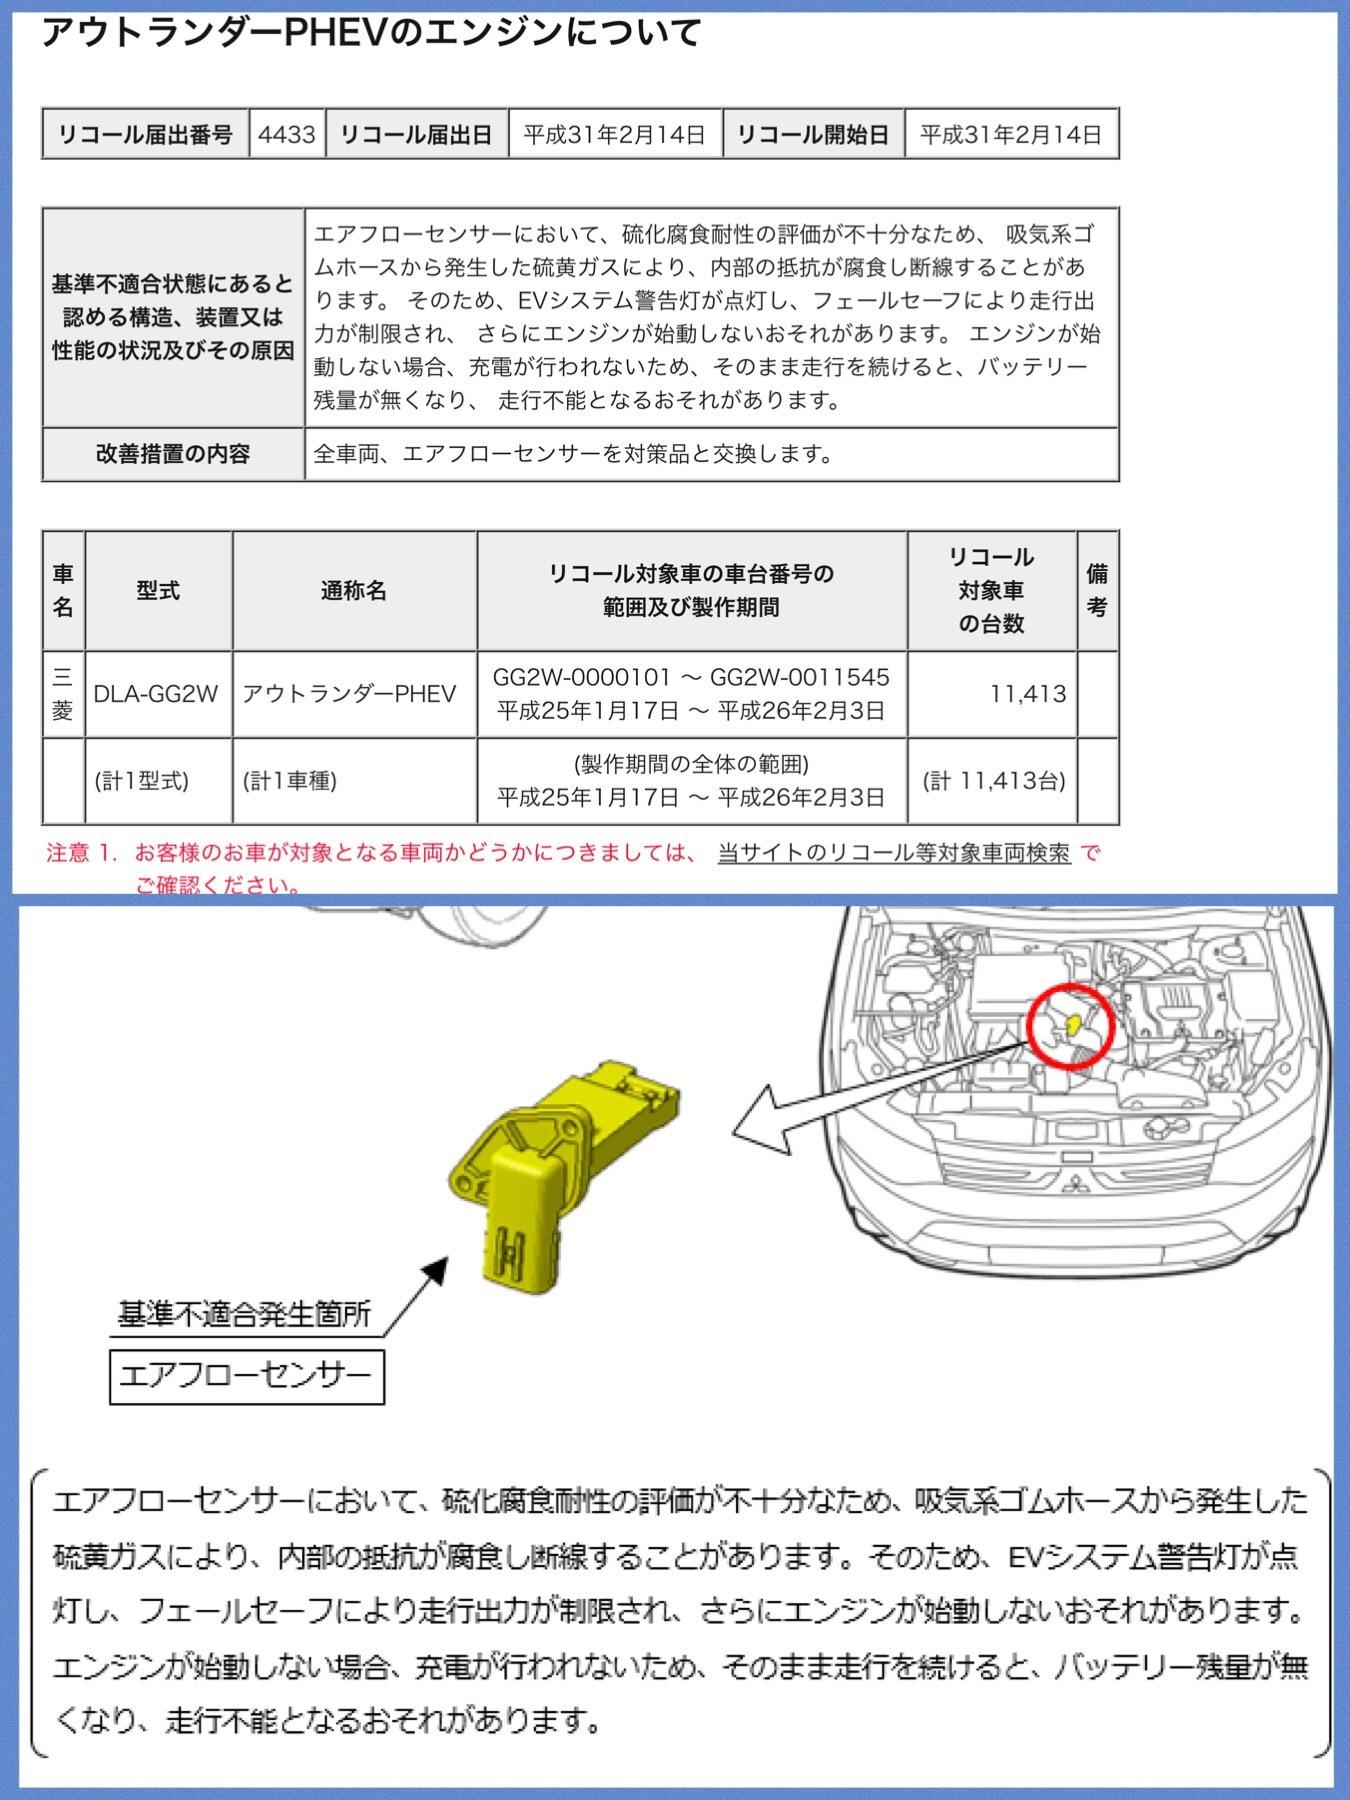 アウトランダーPHEVリコール2019 エアフローセンサー